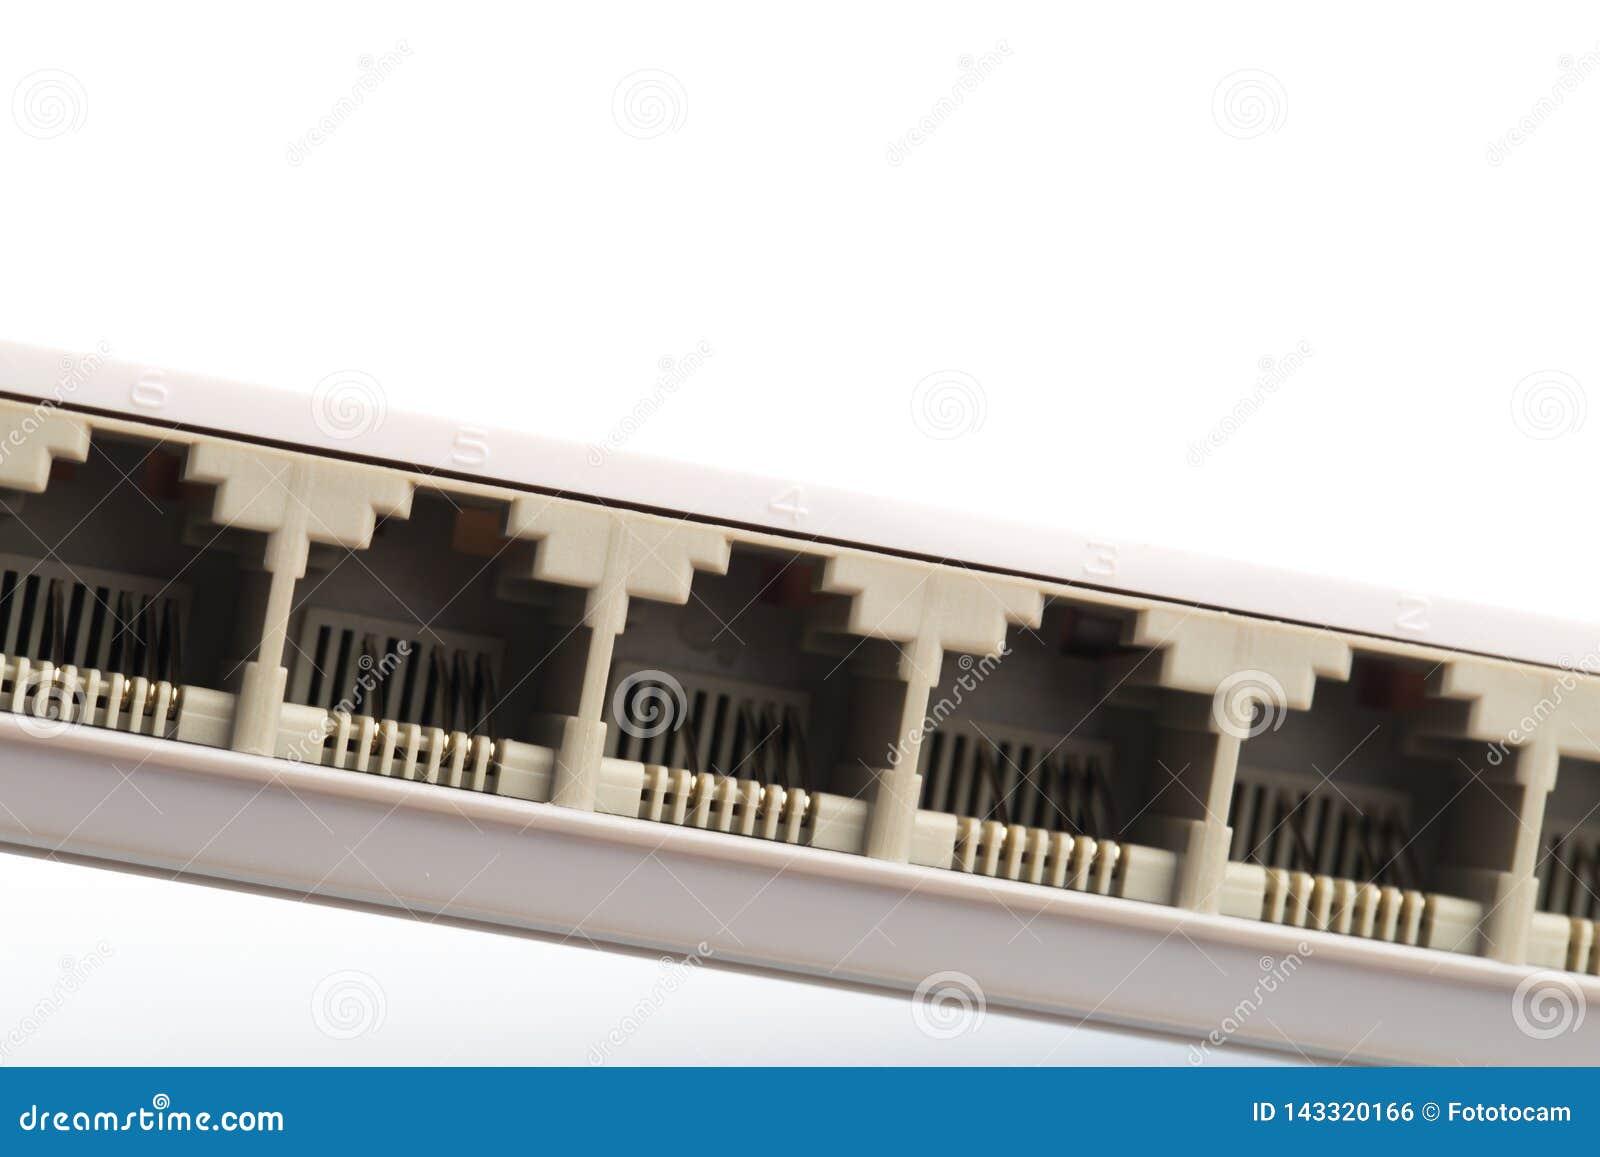 Συνδέοντας καλώδια δικτύων στους δρομολογητές διακοπτών που χρησιμοποιούν rg-45 συνδετήρες